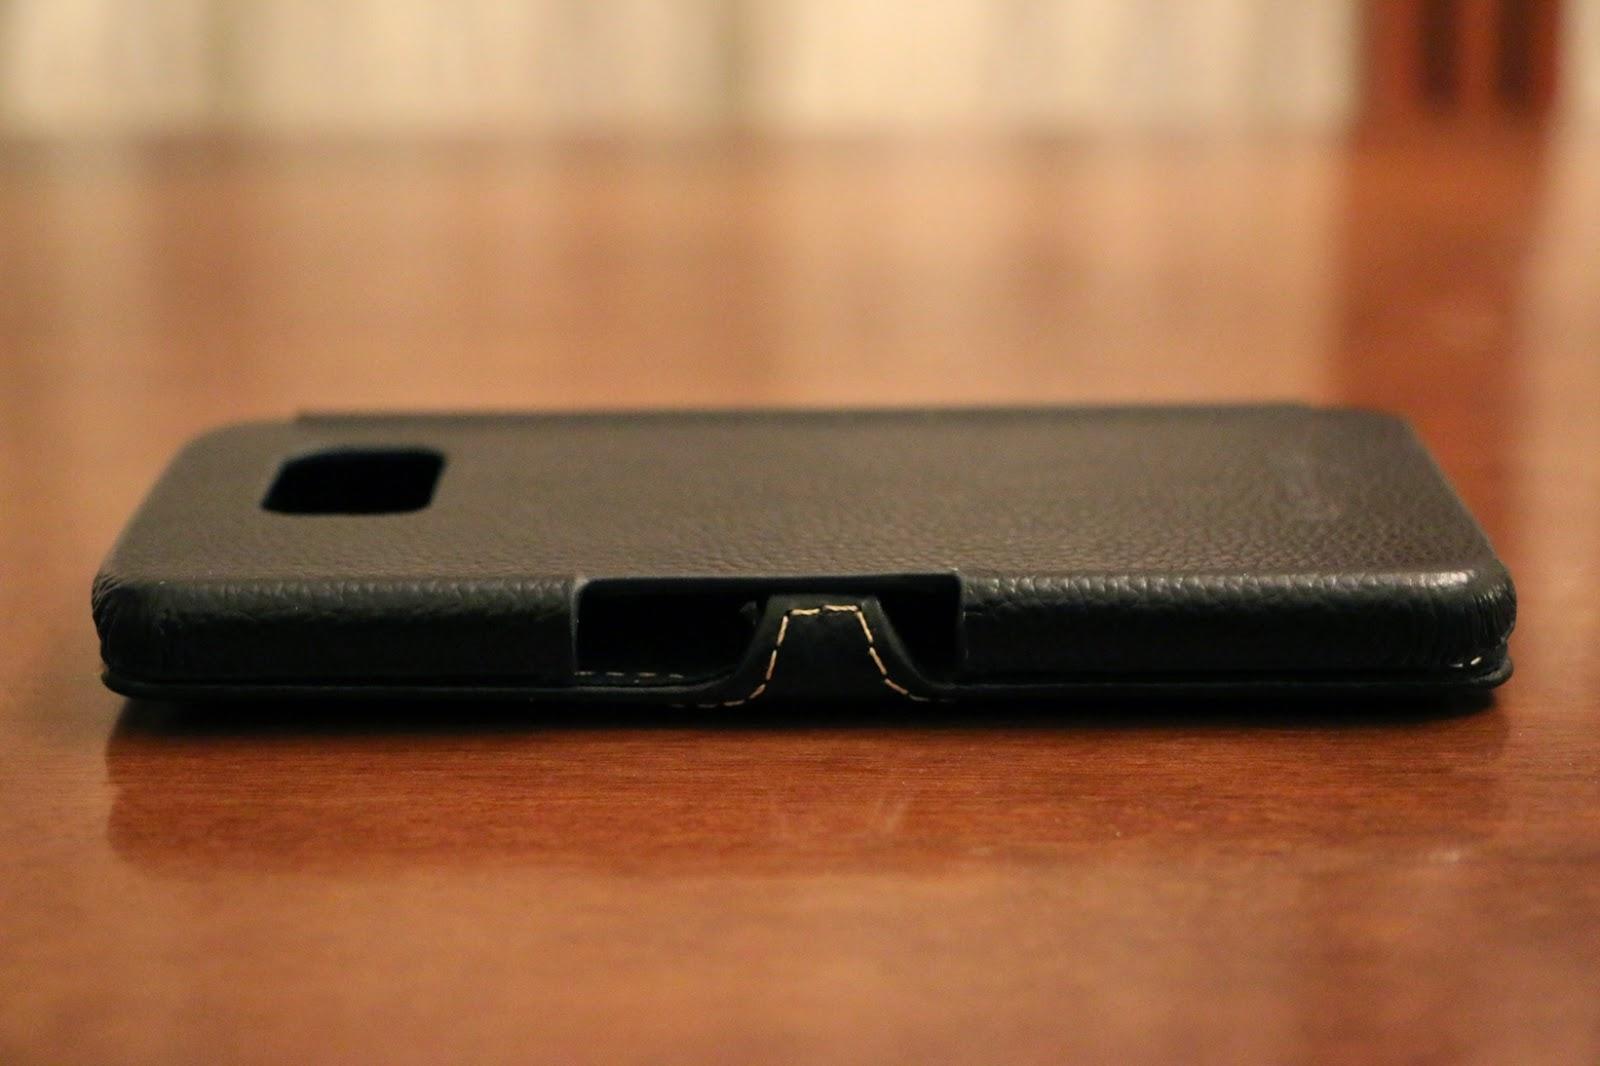 StilGut custodia Galaxy S6 modello Book Type nera vista laterale 1